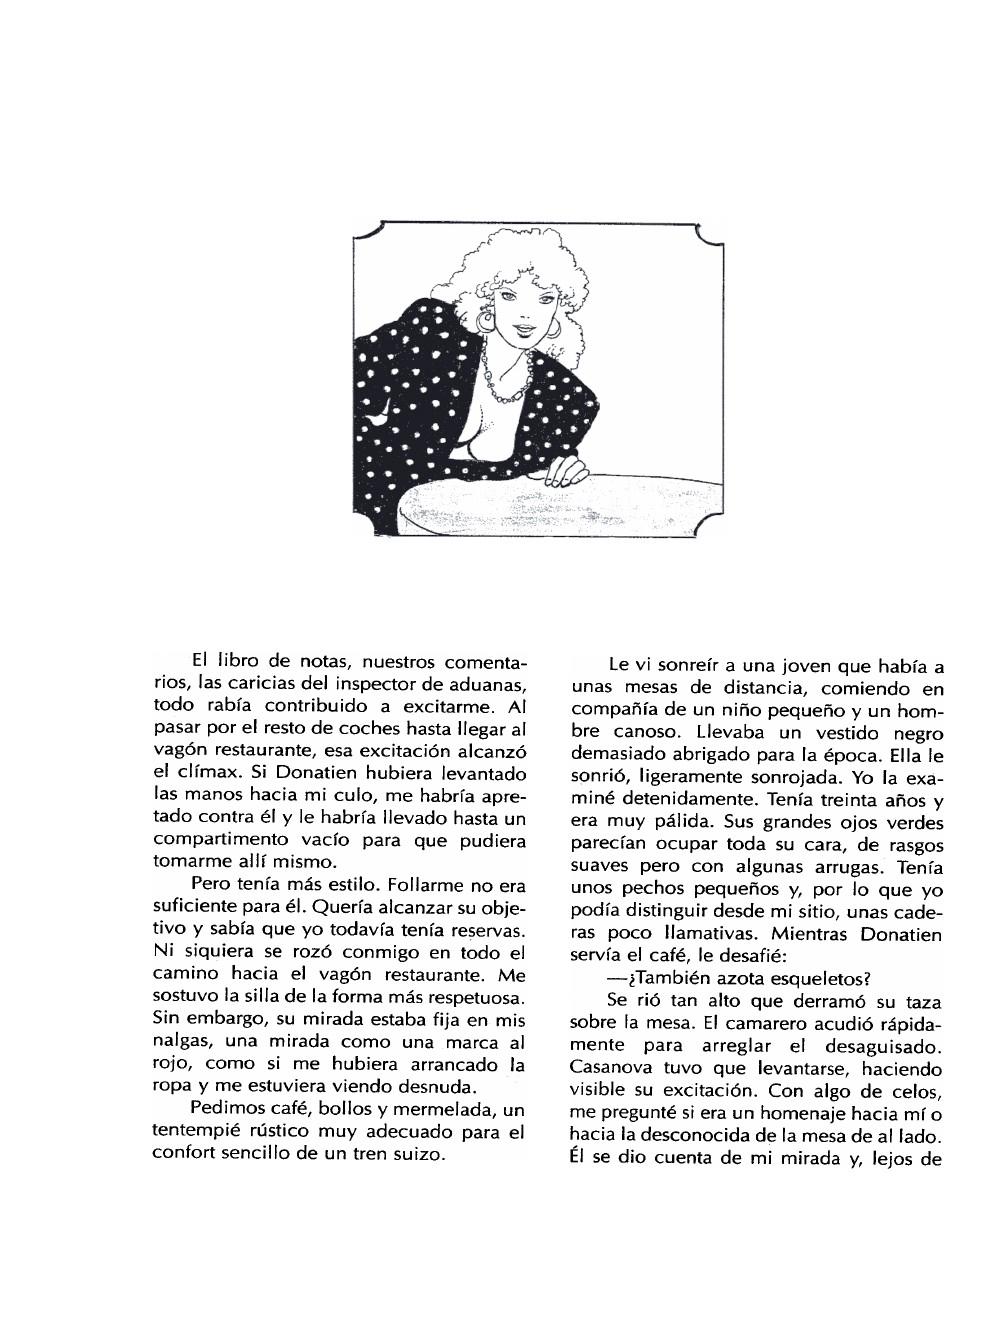 Milo Manara El arte del azote